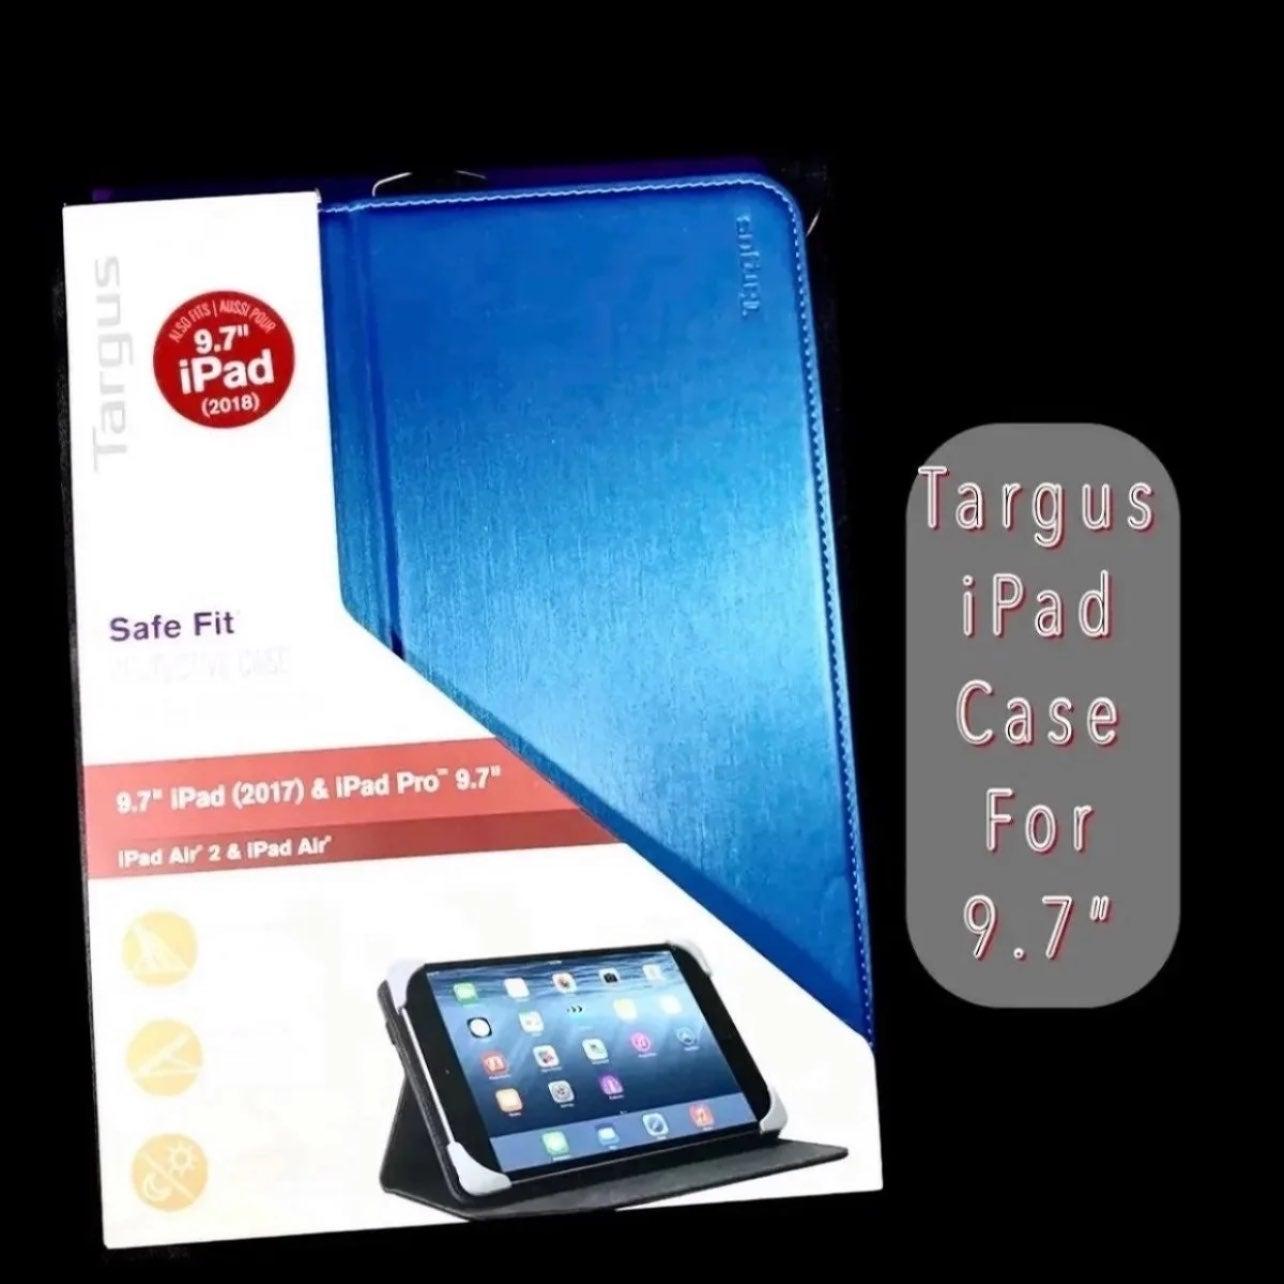 Targus iPad Case cover